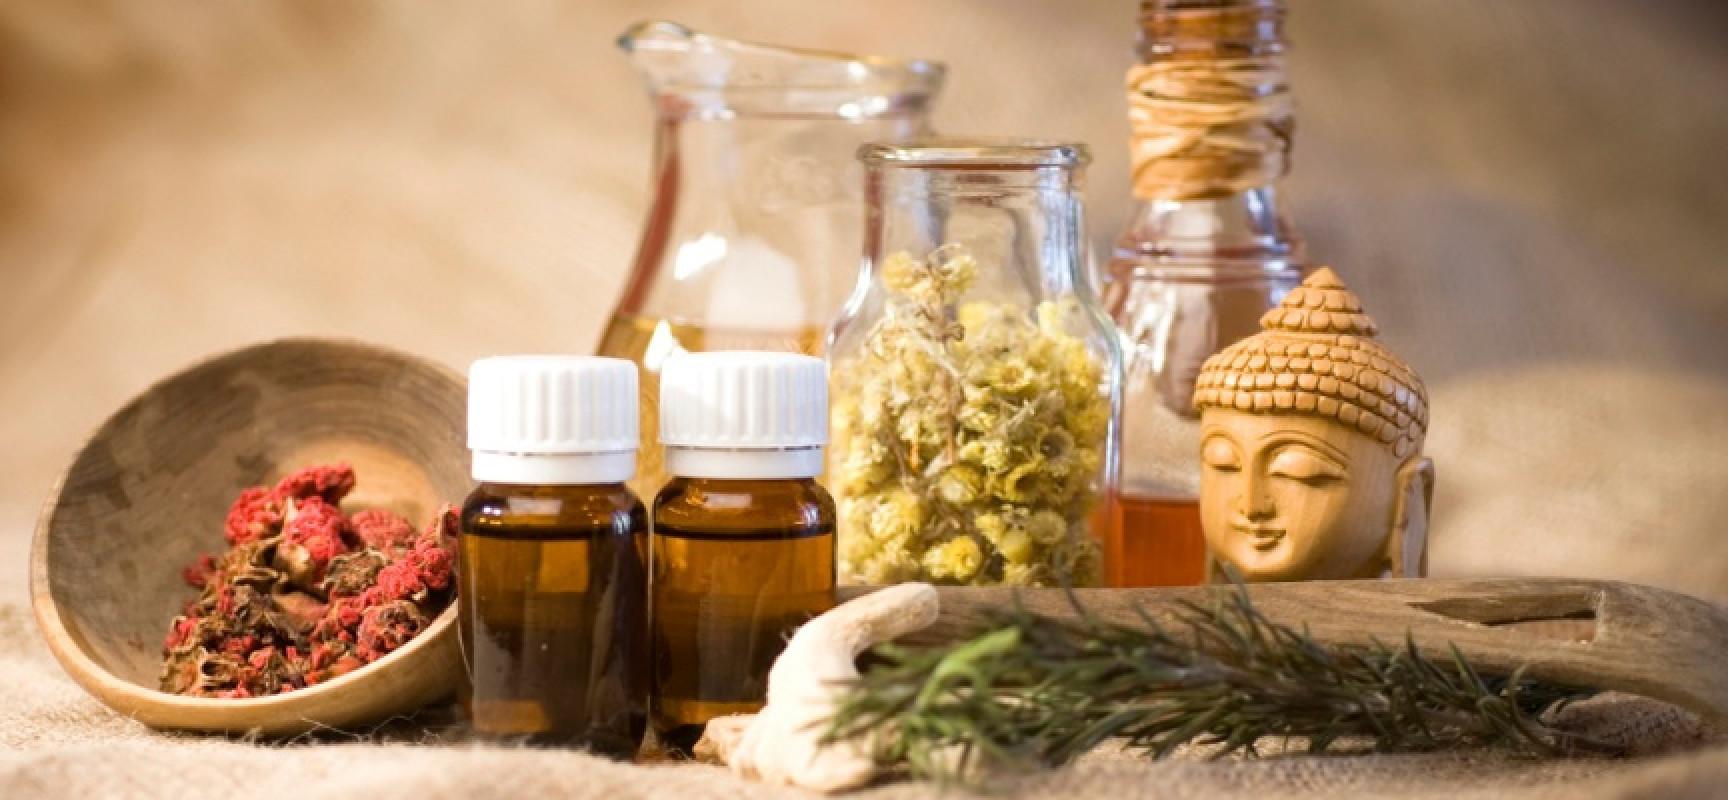 Aromaterapia, bo ciało musi żyć w zgodzie z duszą